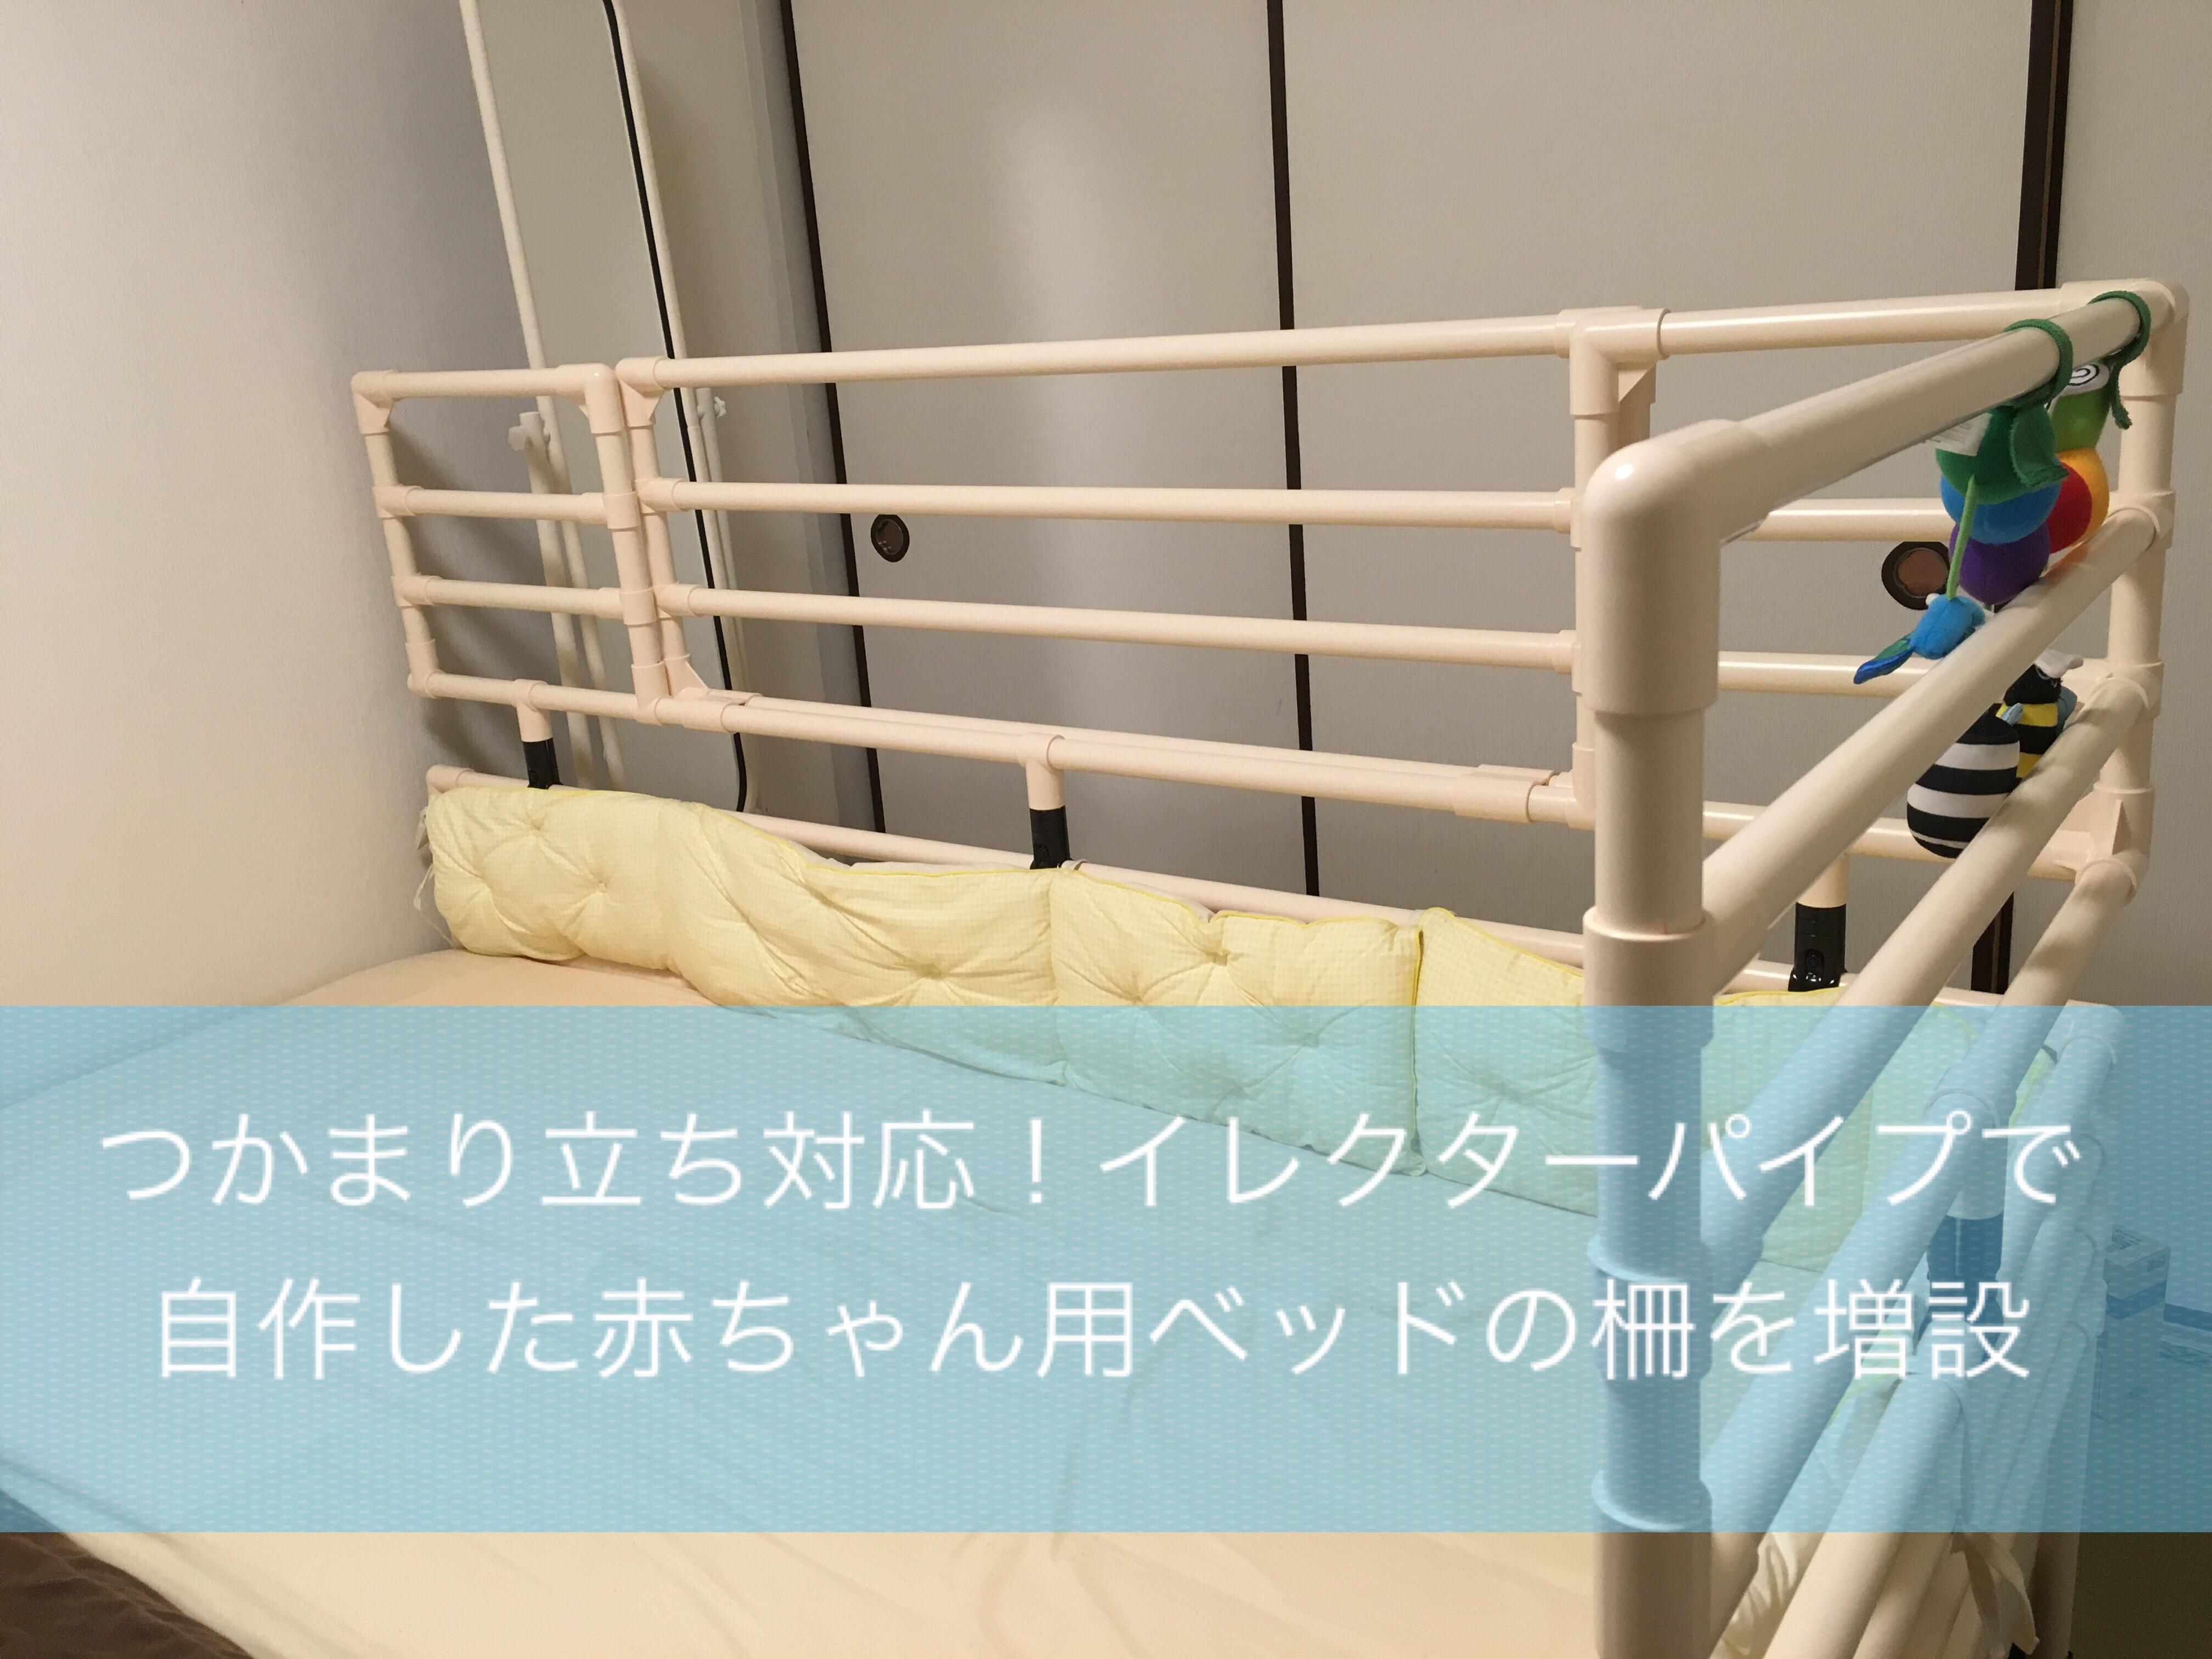 つかまり立ち対応!イレクターパイプで自作した赤ちゃん用ベッドの柵を増設